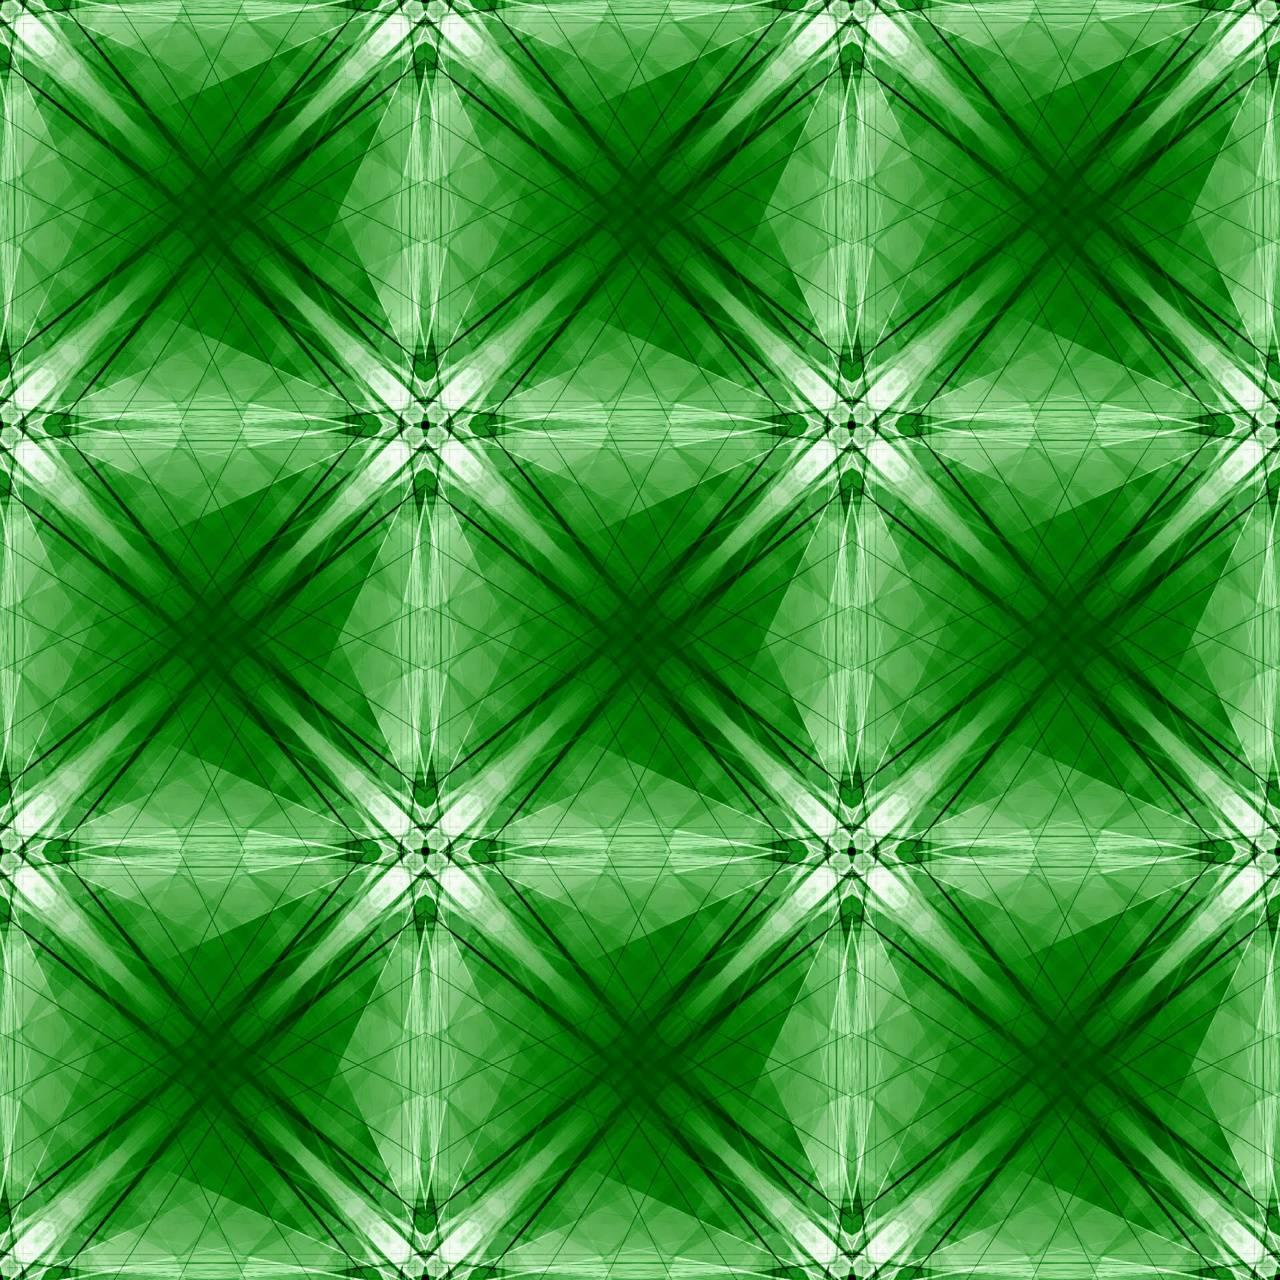 Tiled Wallpaper 9-1